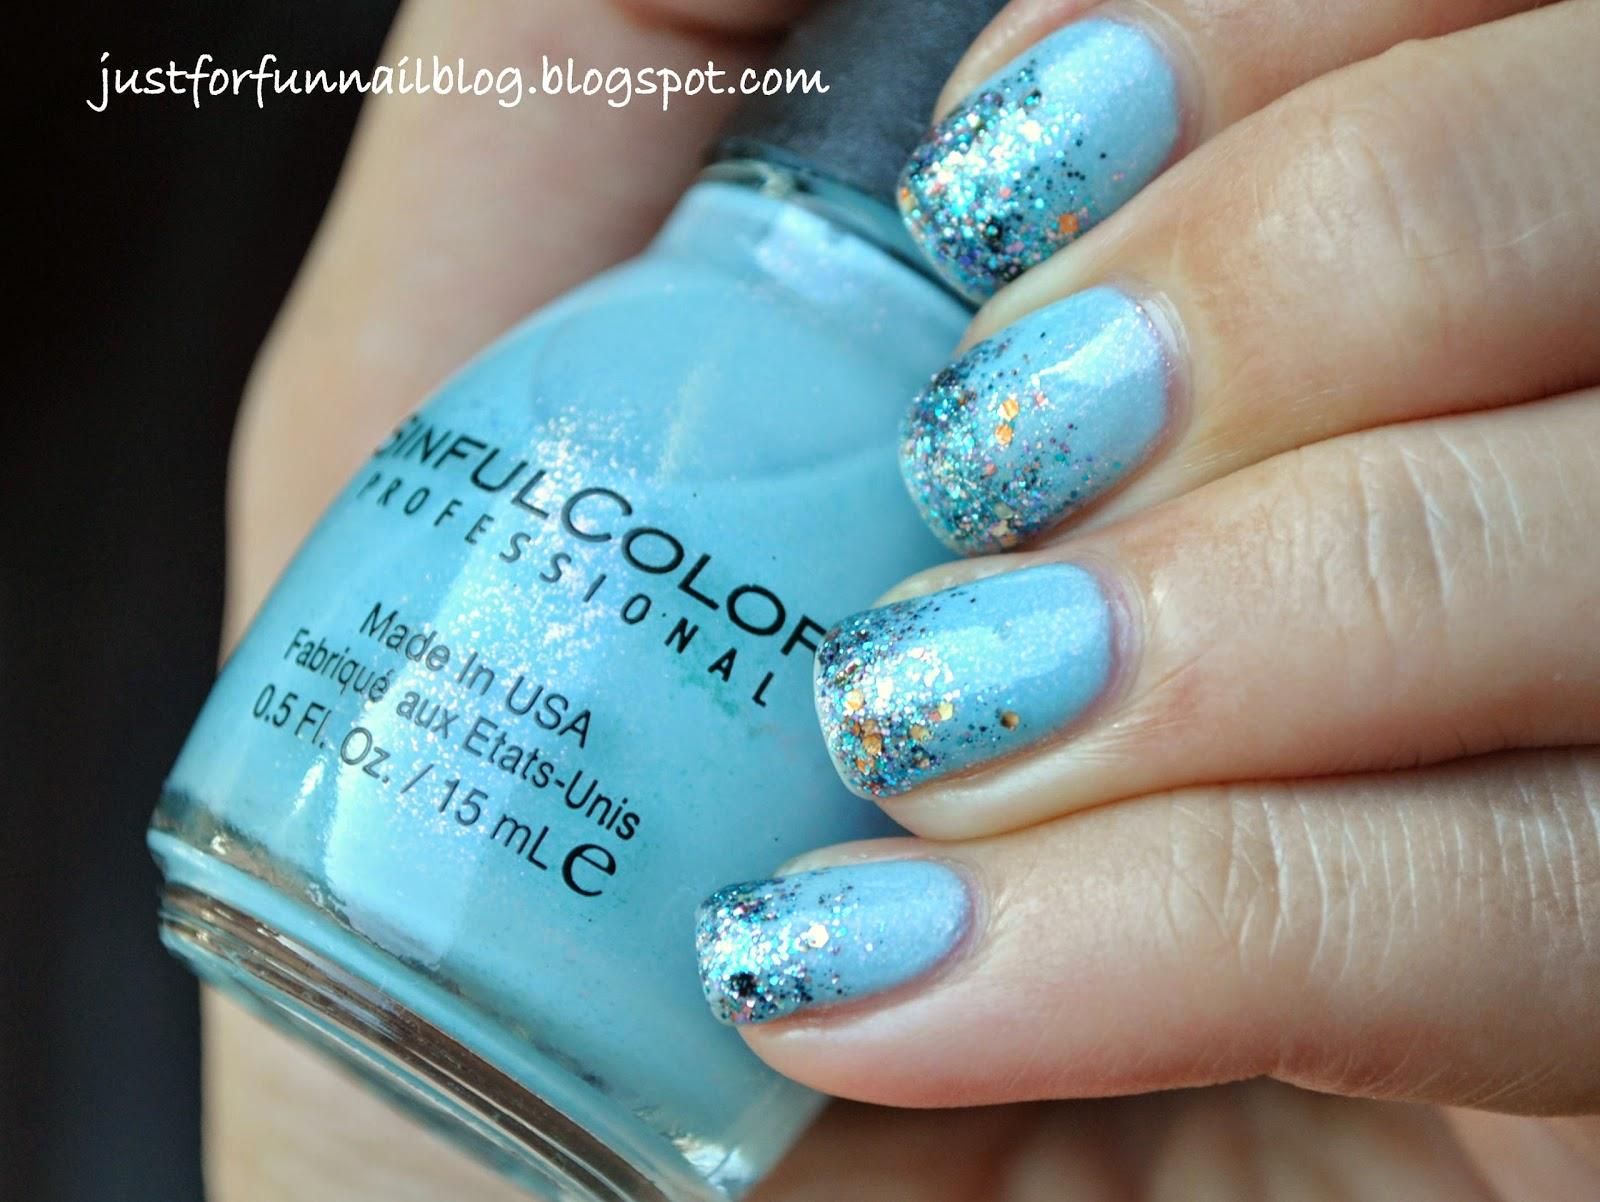 Light Blue Glitter Gradient with Shimmer - Jeniffer